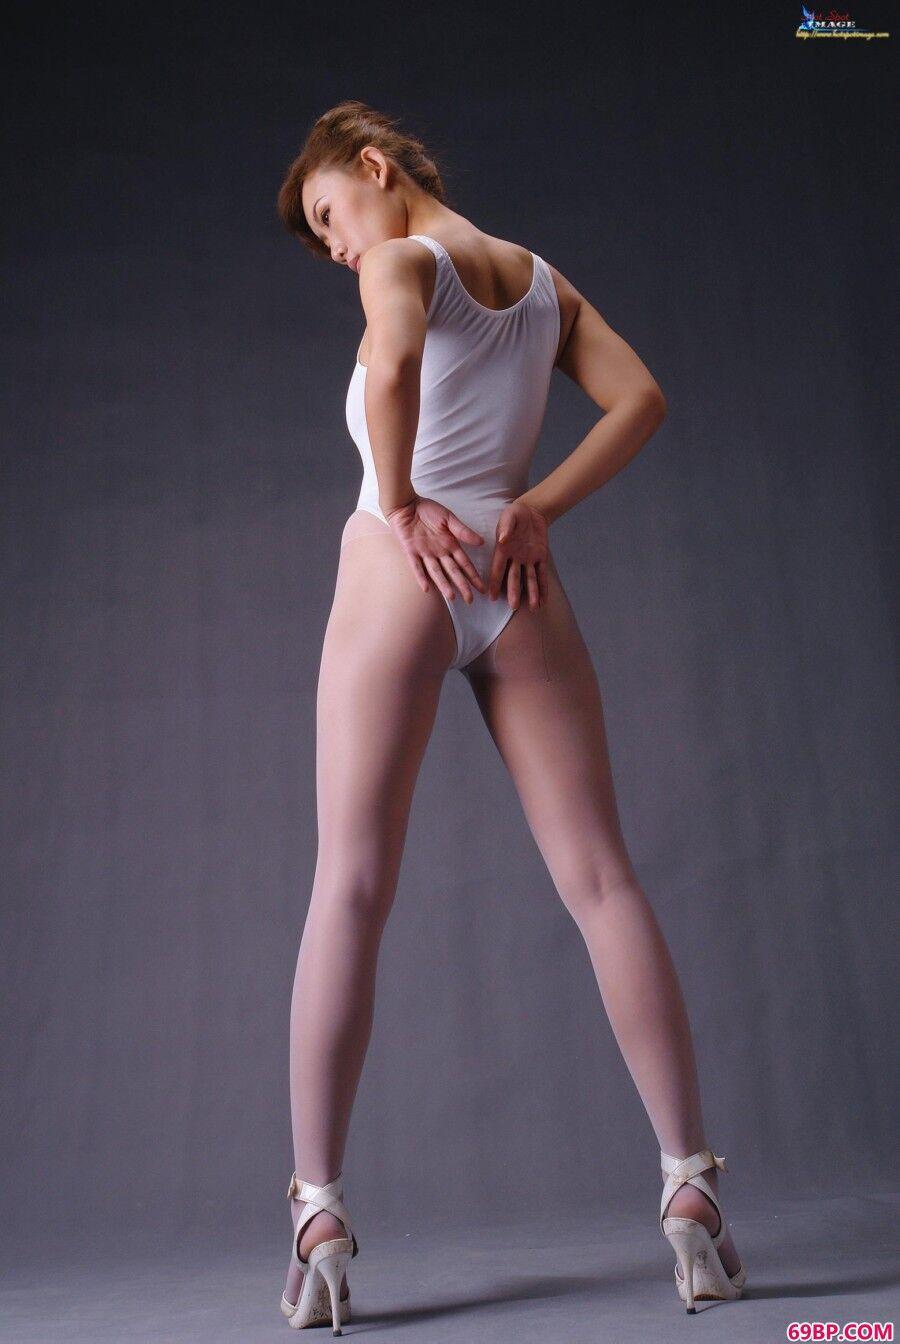 蓝依吊带袜与性感泳装造型_美女沟沟大尺寸国模吧